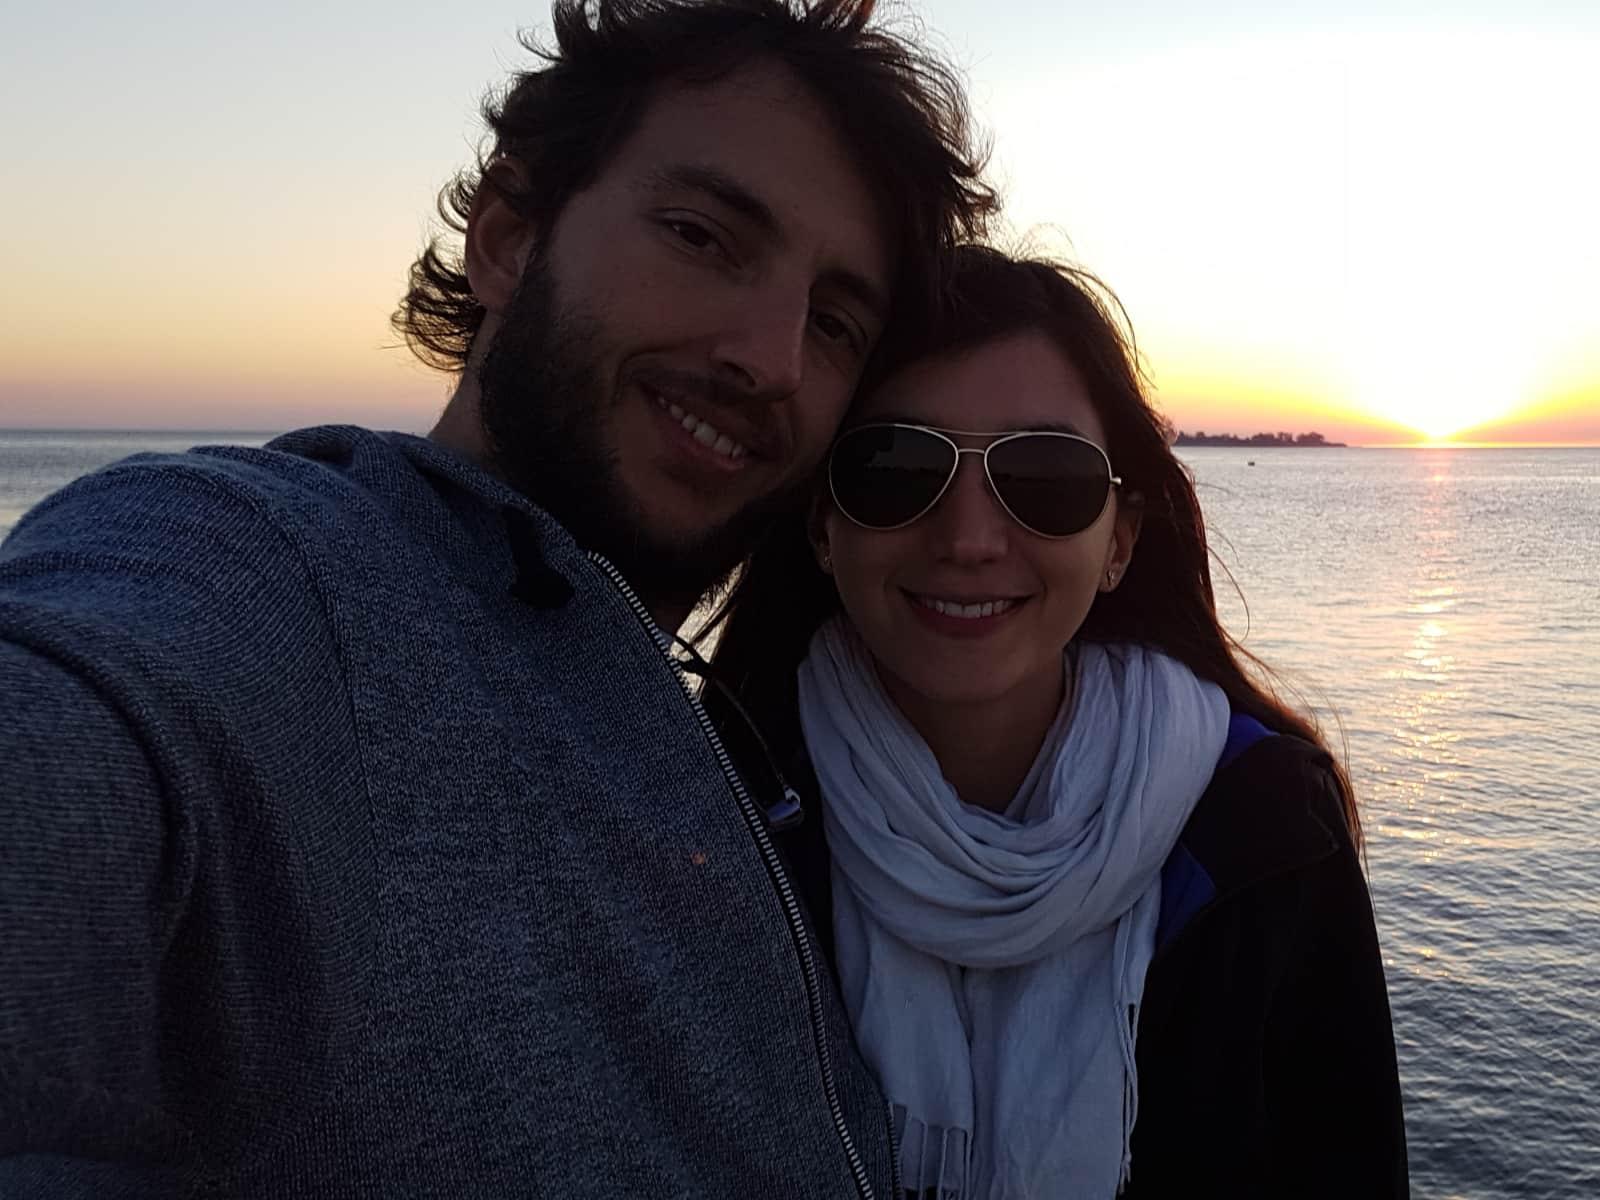 Nina & Bernardo from Sydney, New South Wales, Australia